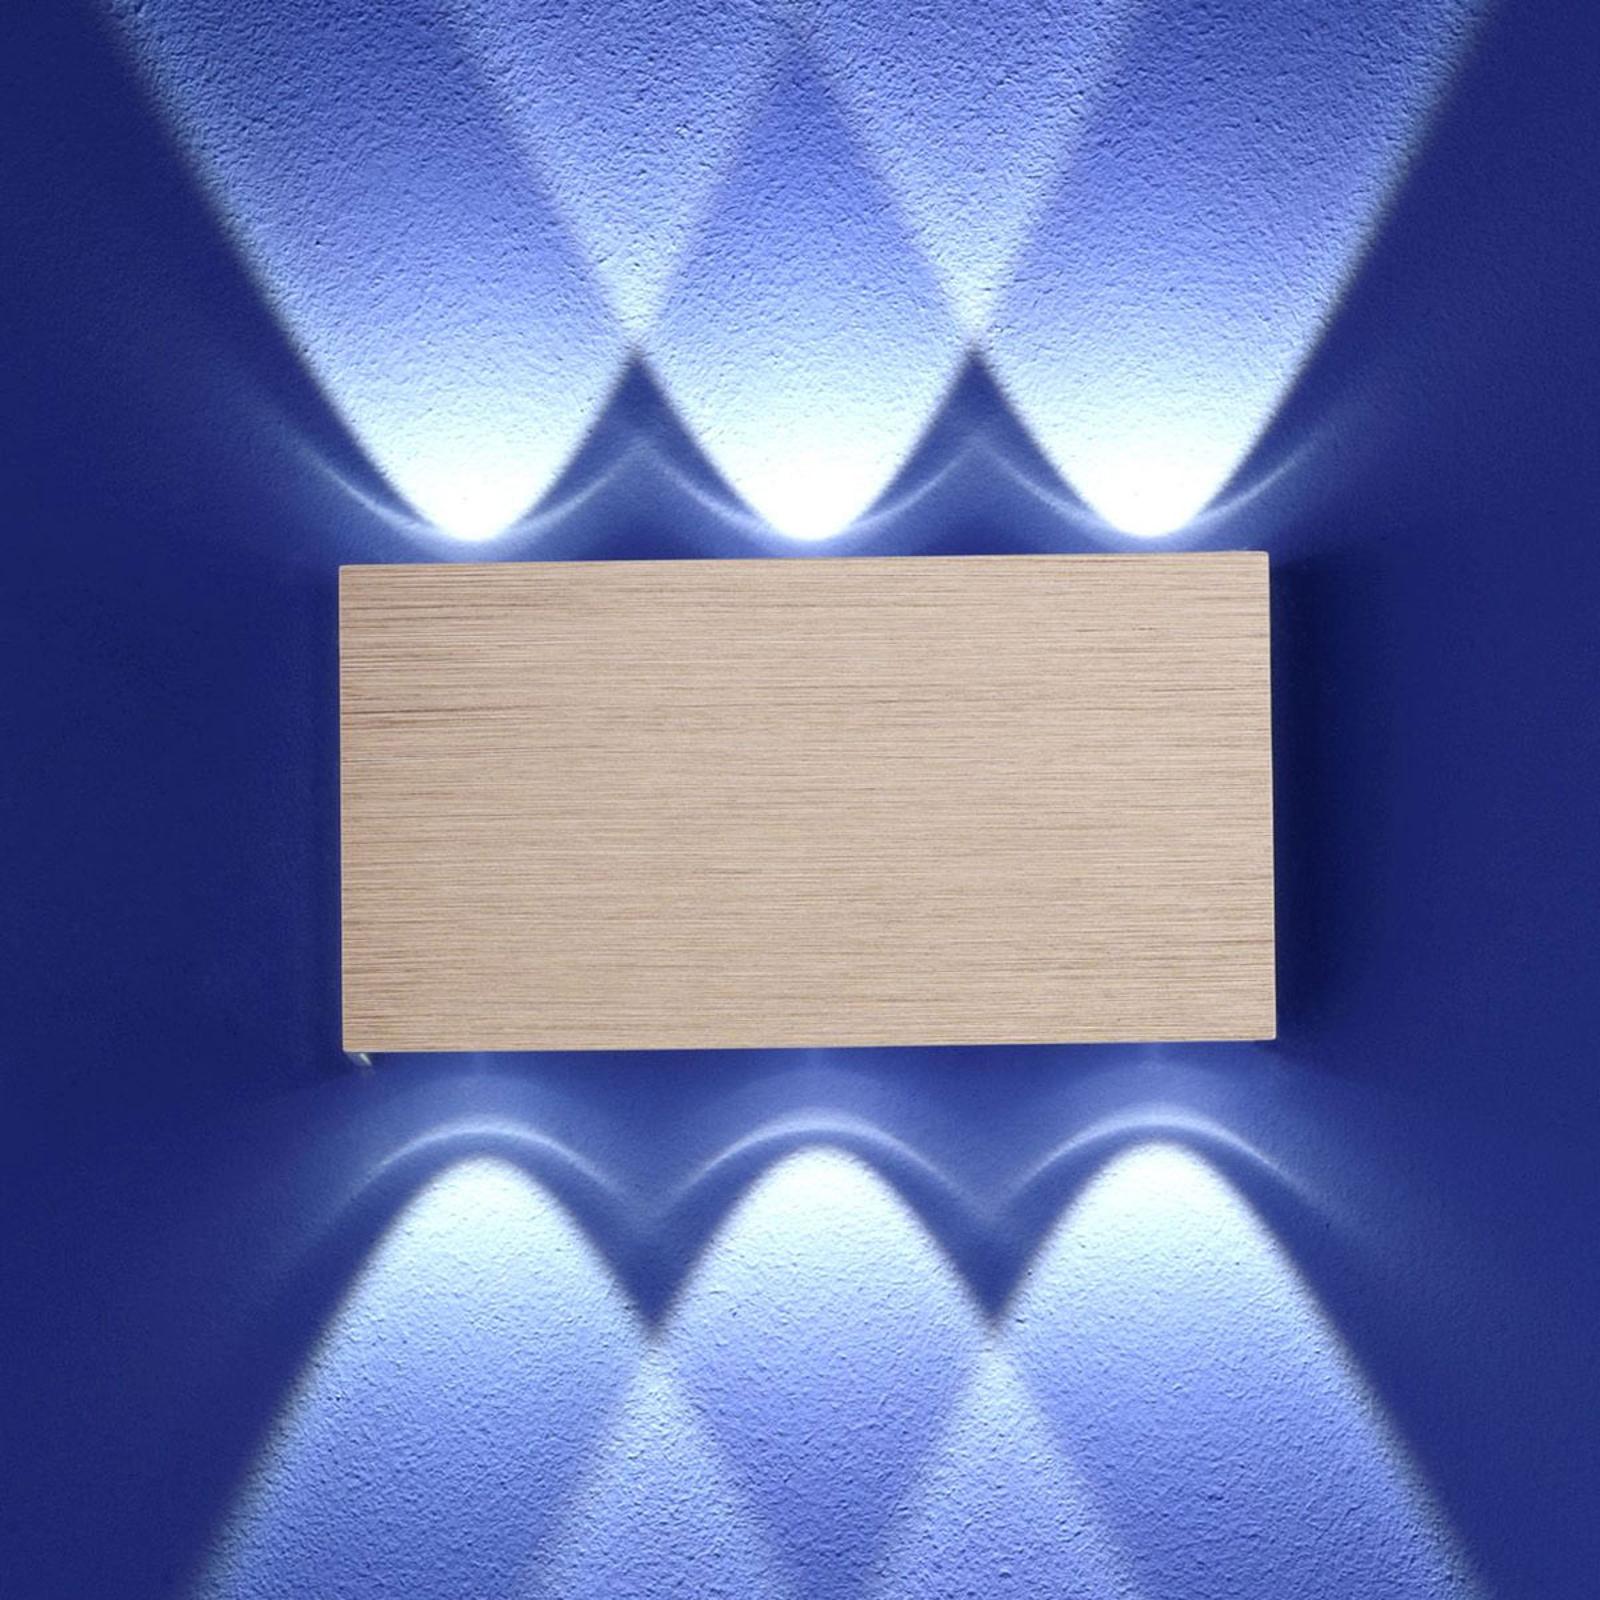 B-Leuchten Stream LED-Wandleuchte roségold